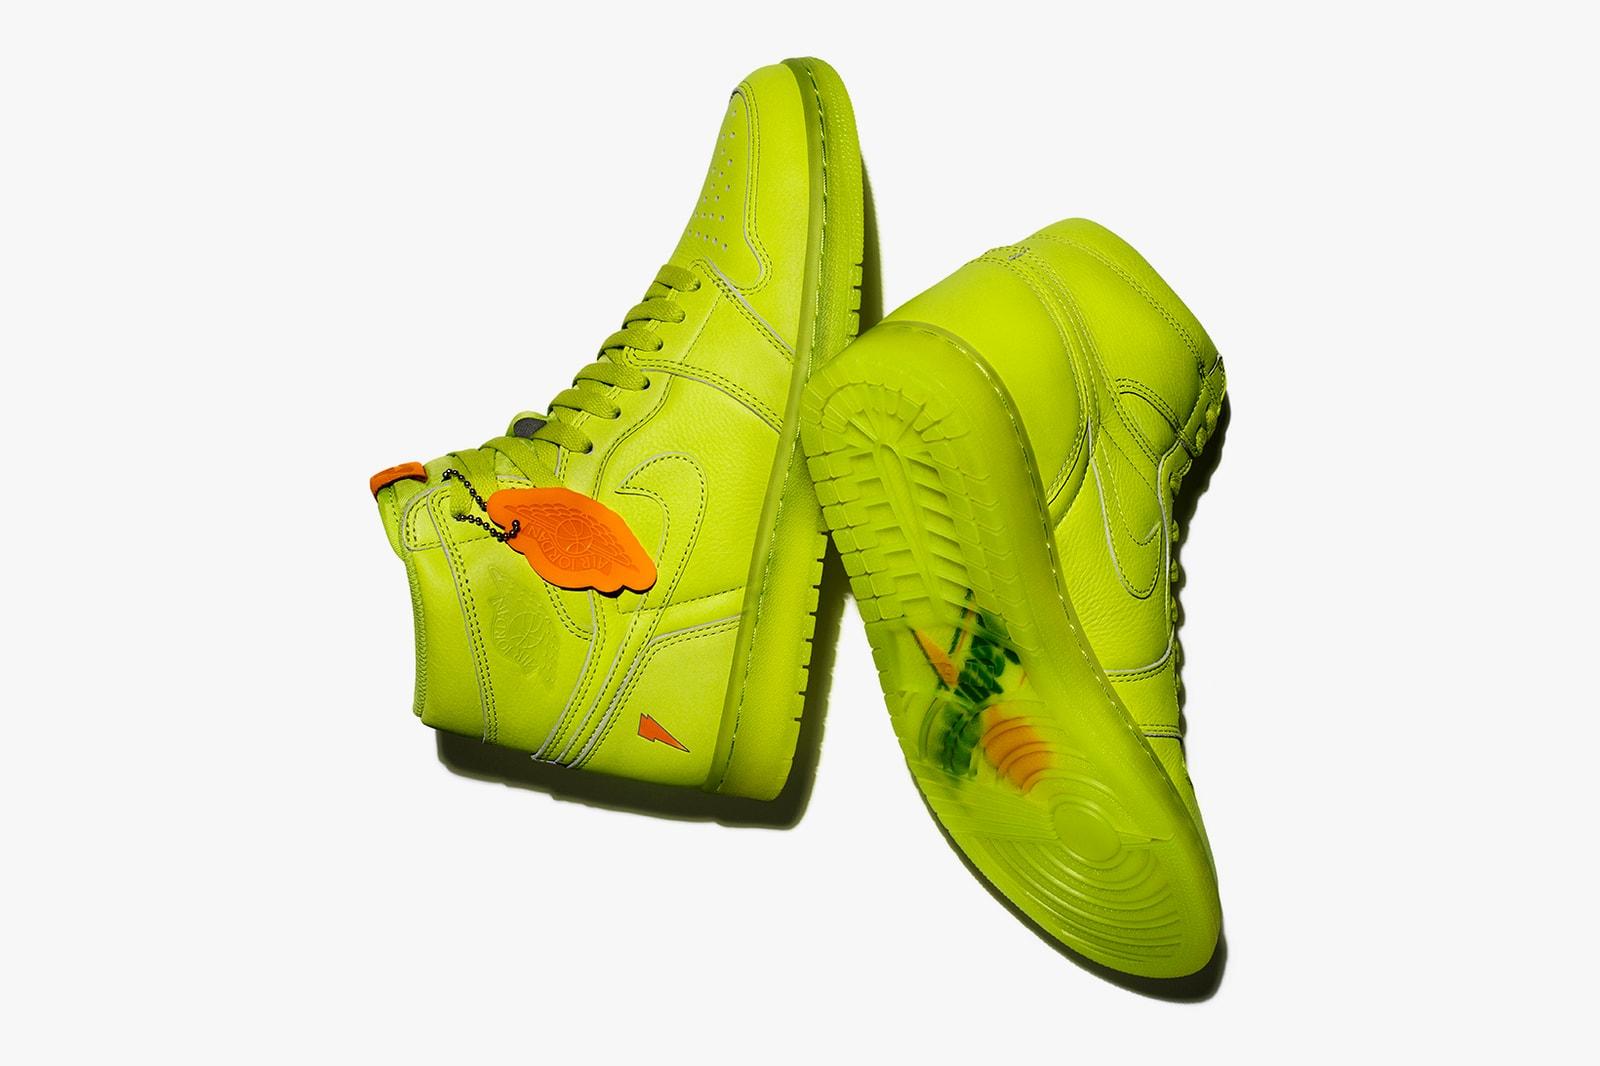 Air Jordan 1 x Gatorade Collection Paris Sneakrs App Neon France